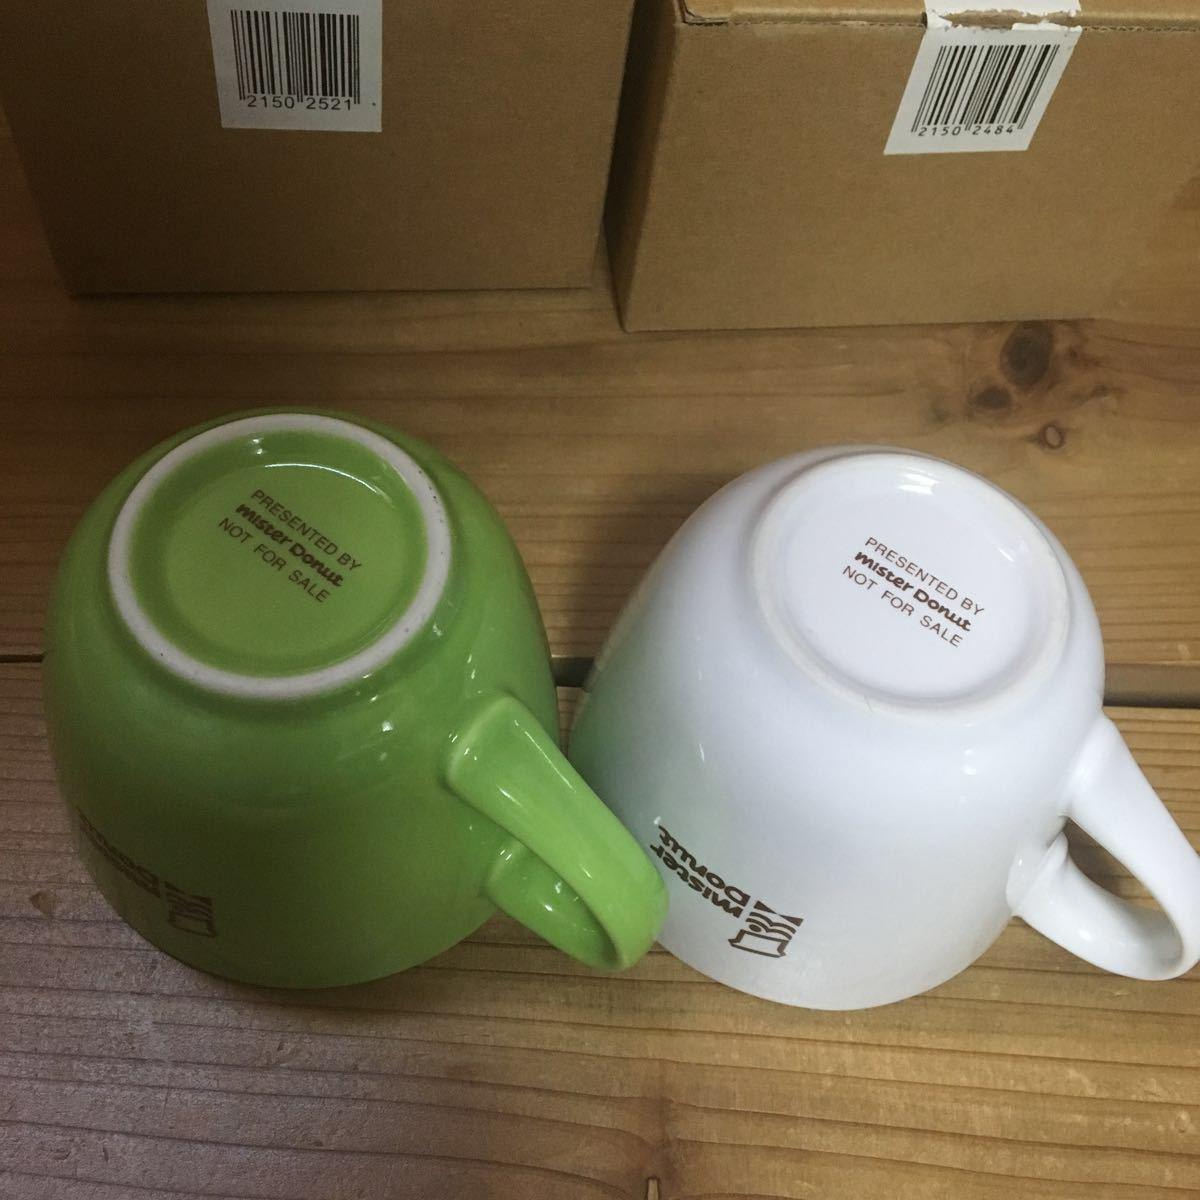 未使用 陶器製 ミスタードーナツ マグカップ 2個 セット 検索 ミスド ドーナッツ 非売品 グッズ 企業物 ノベルティ マグ コップ_画像3